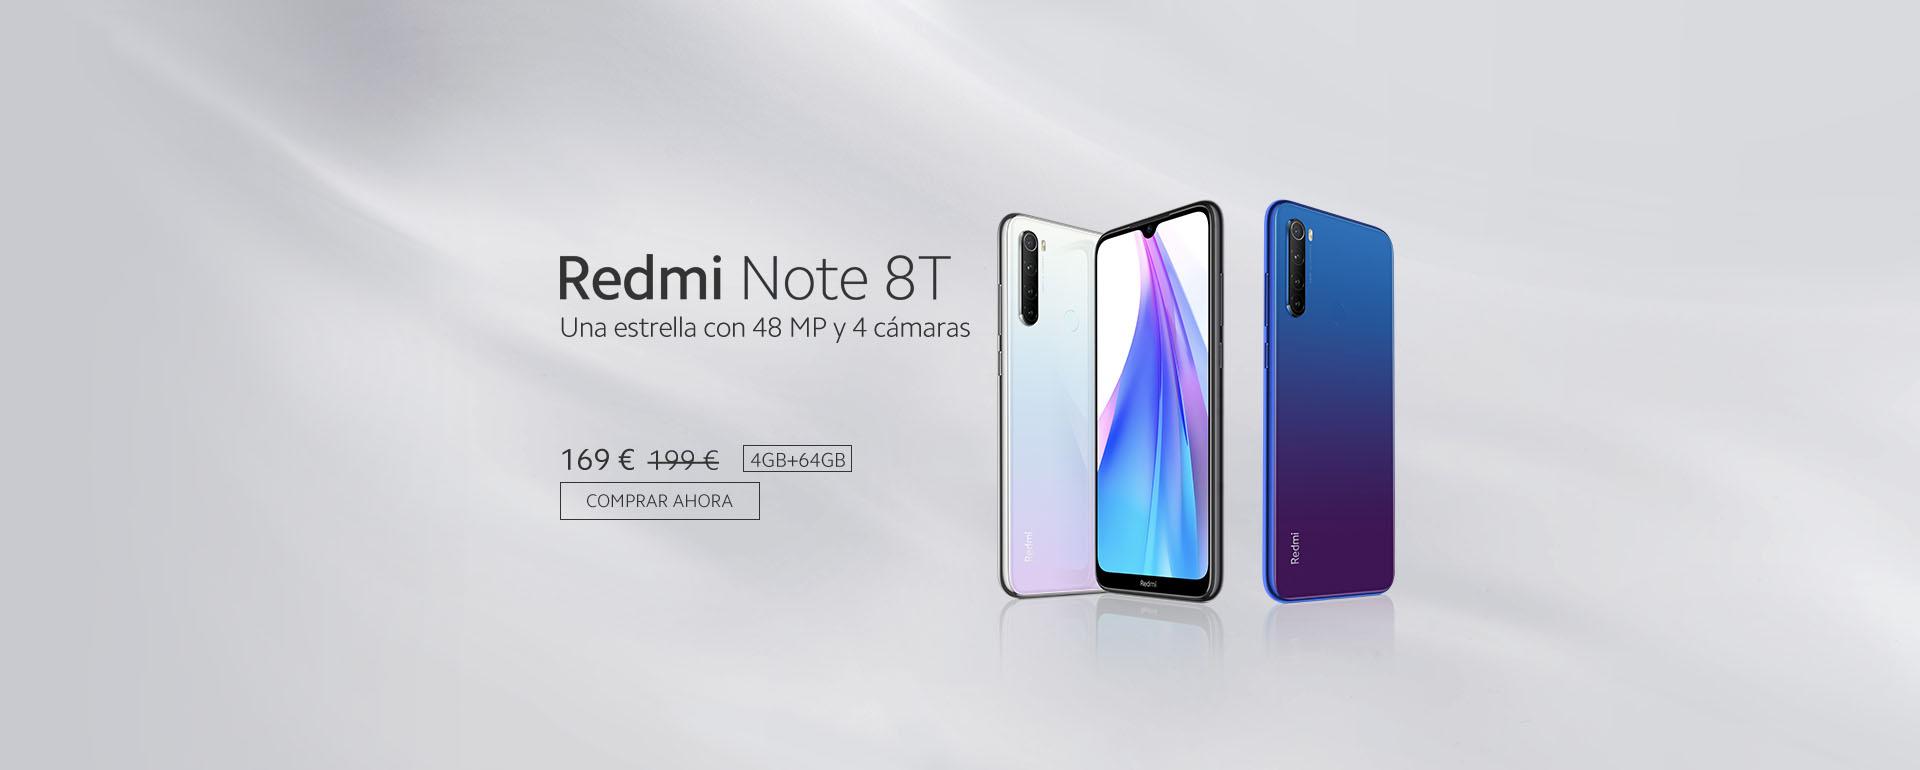 Redmi note 8T C3X